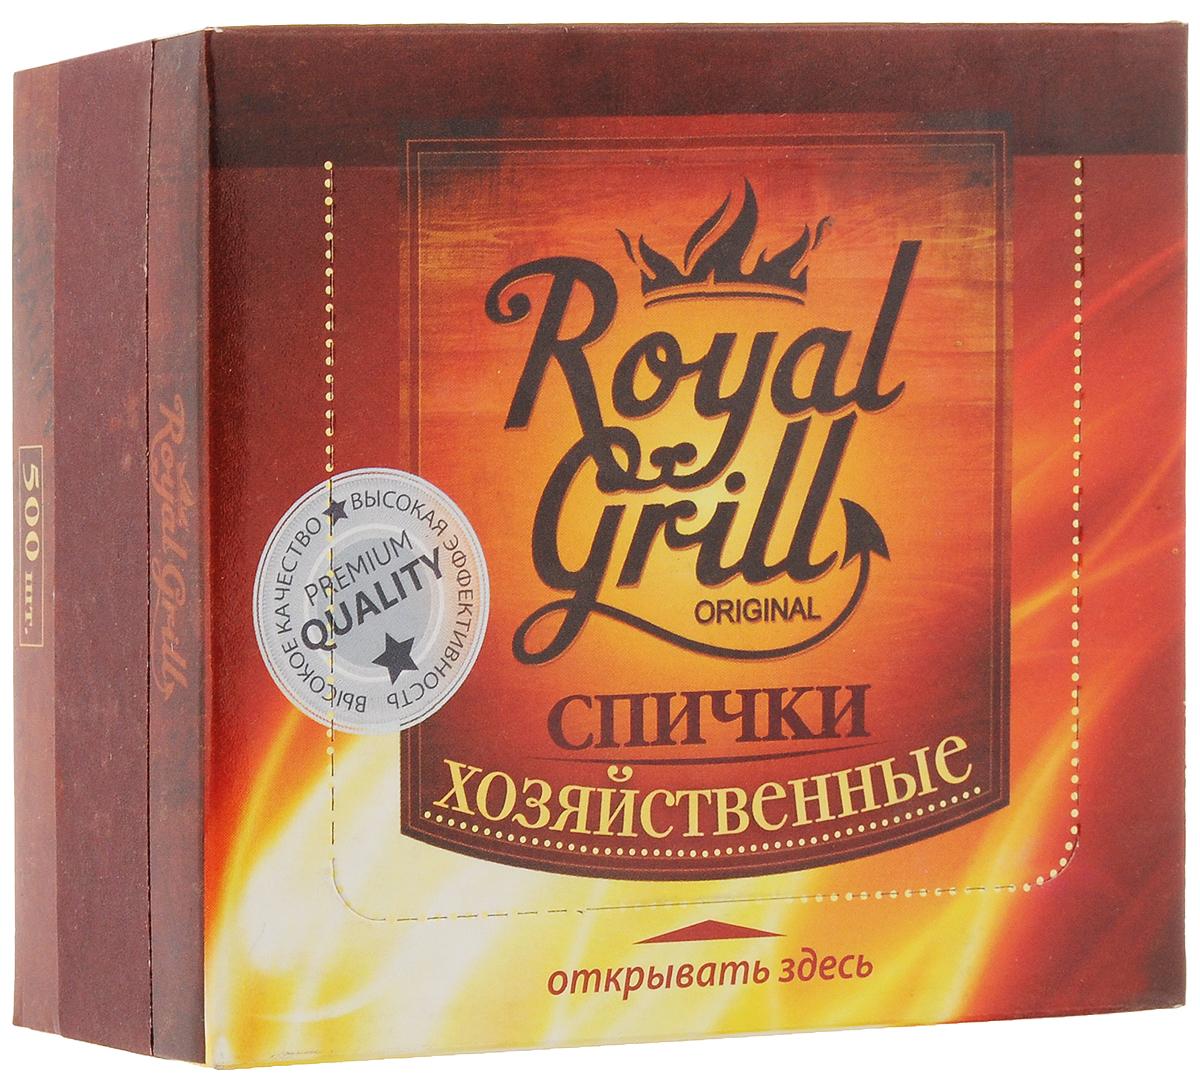 Спички RoyalGrill Хозяйственные, 500 штa026124Спички RoyalGrill Хозяйственные предназначены для разведения огня. Отлично загораются, их удобно держать в руке с минимальным риском ожогов.Состав: древесина, зажигательный состав.